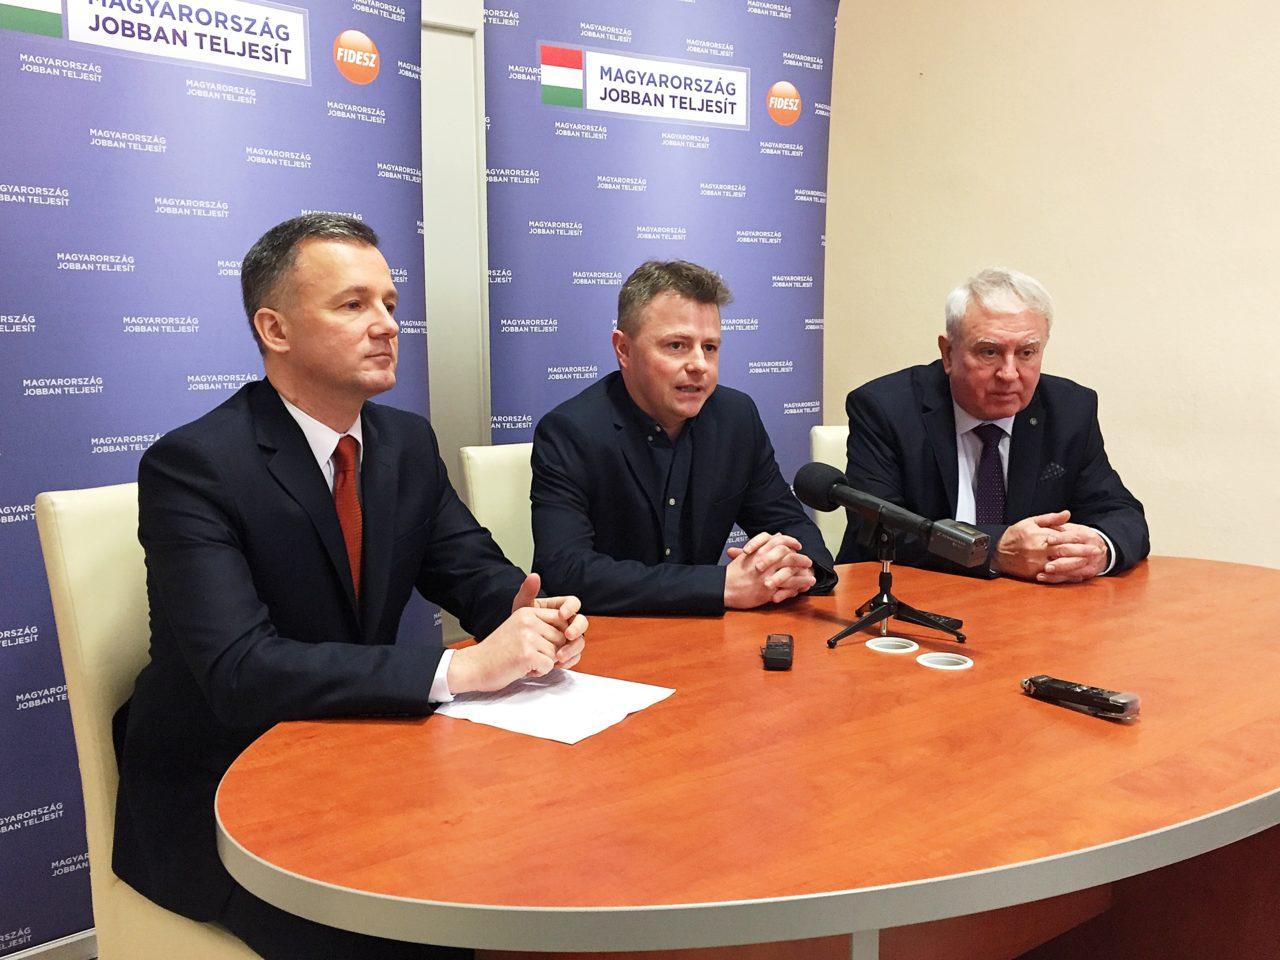 Dr. Görgényi Ernő lesz ismét a Fidesz polgármesterjelöltje